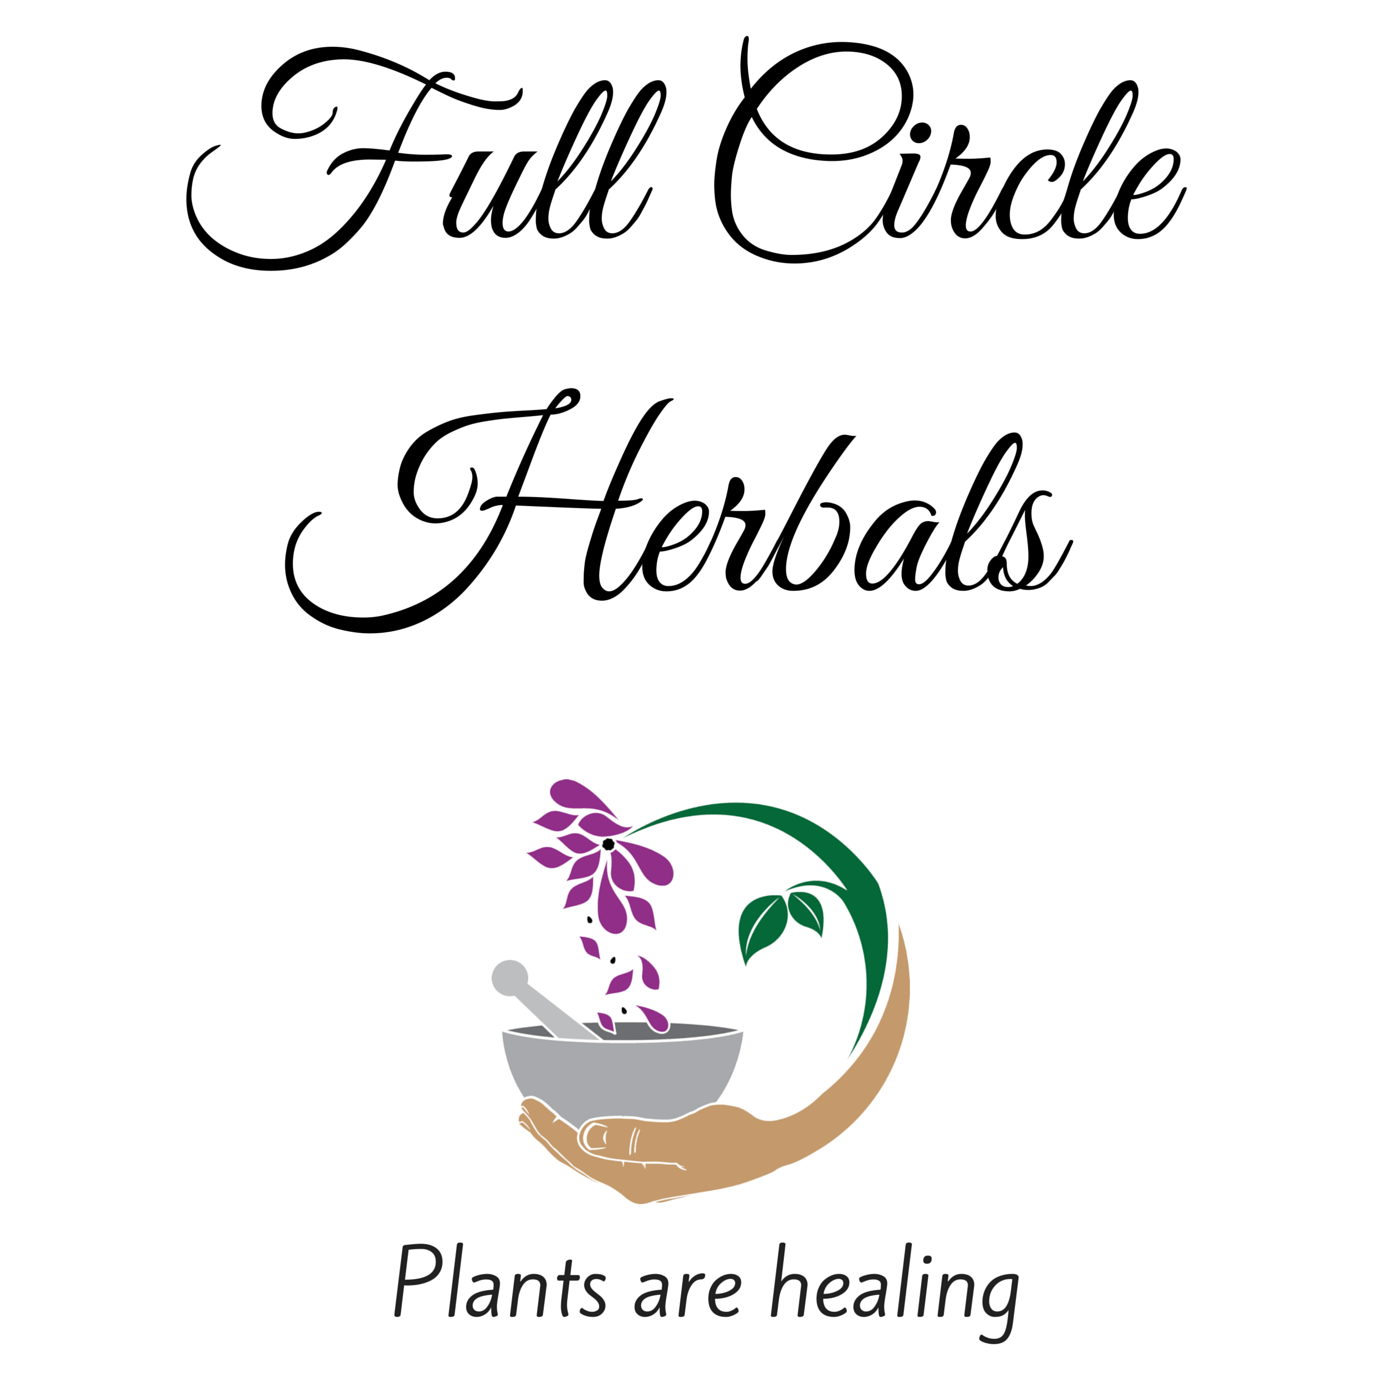 herbal advice